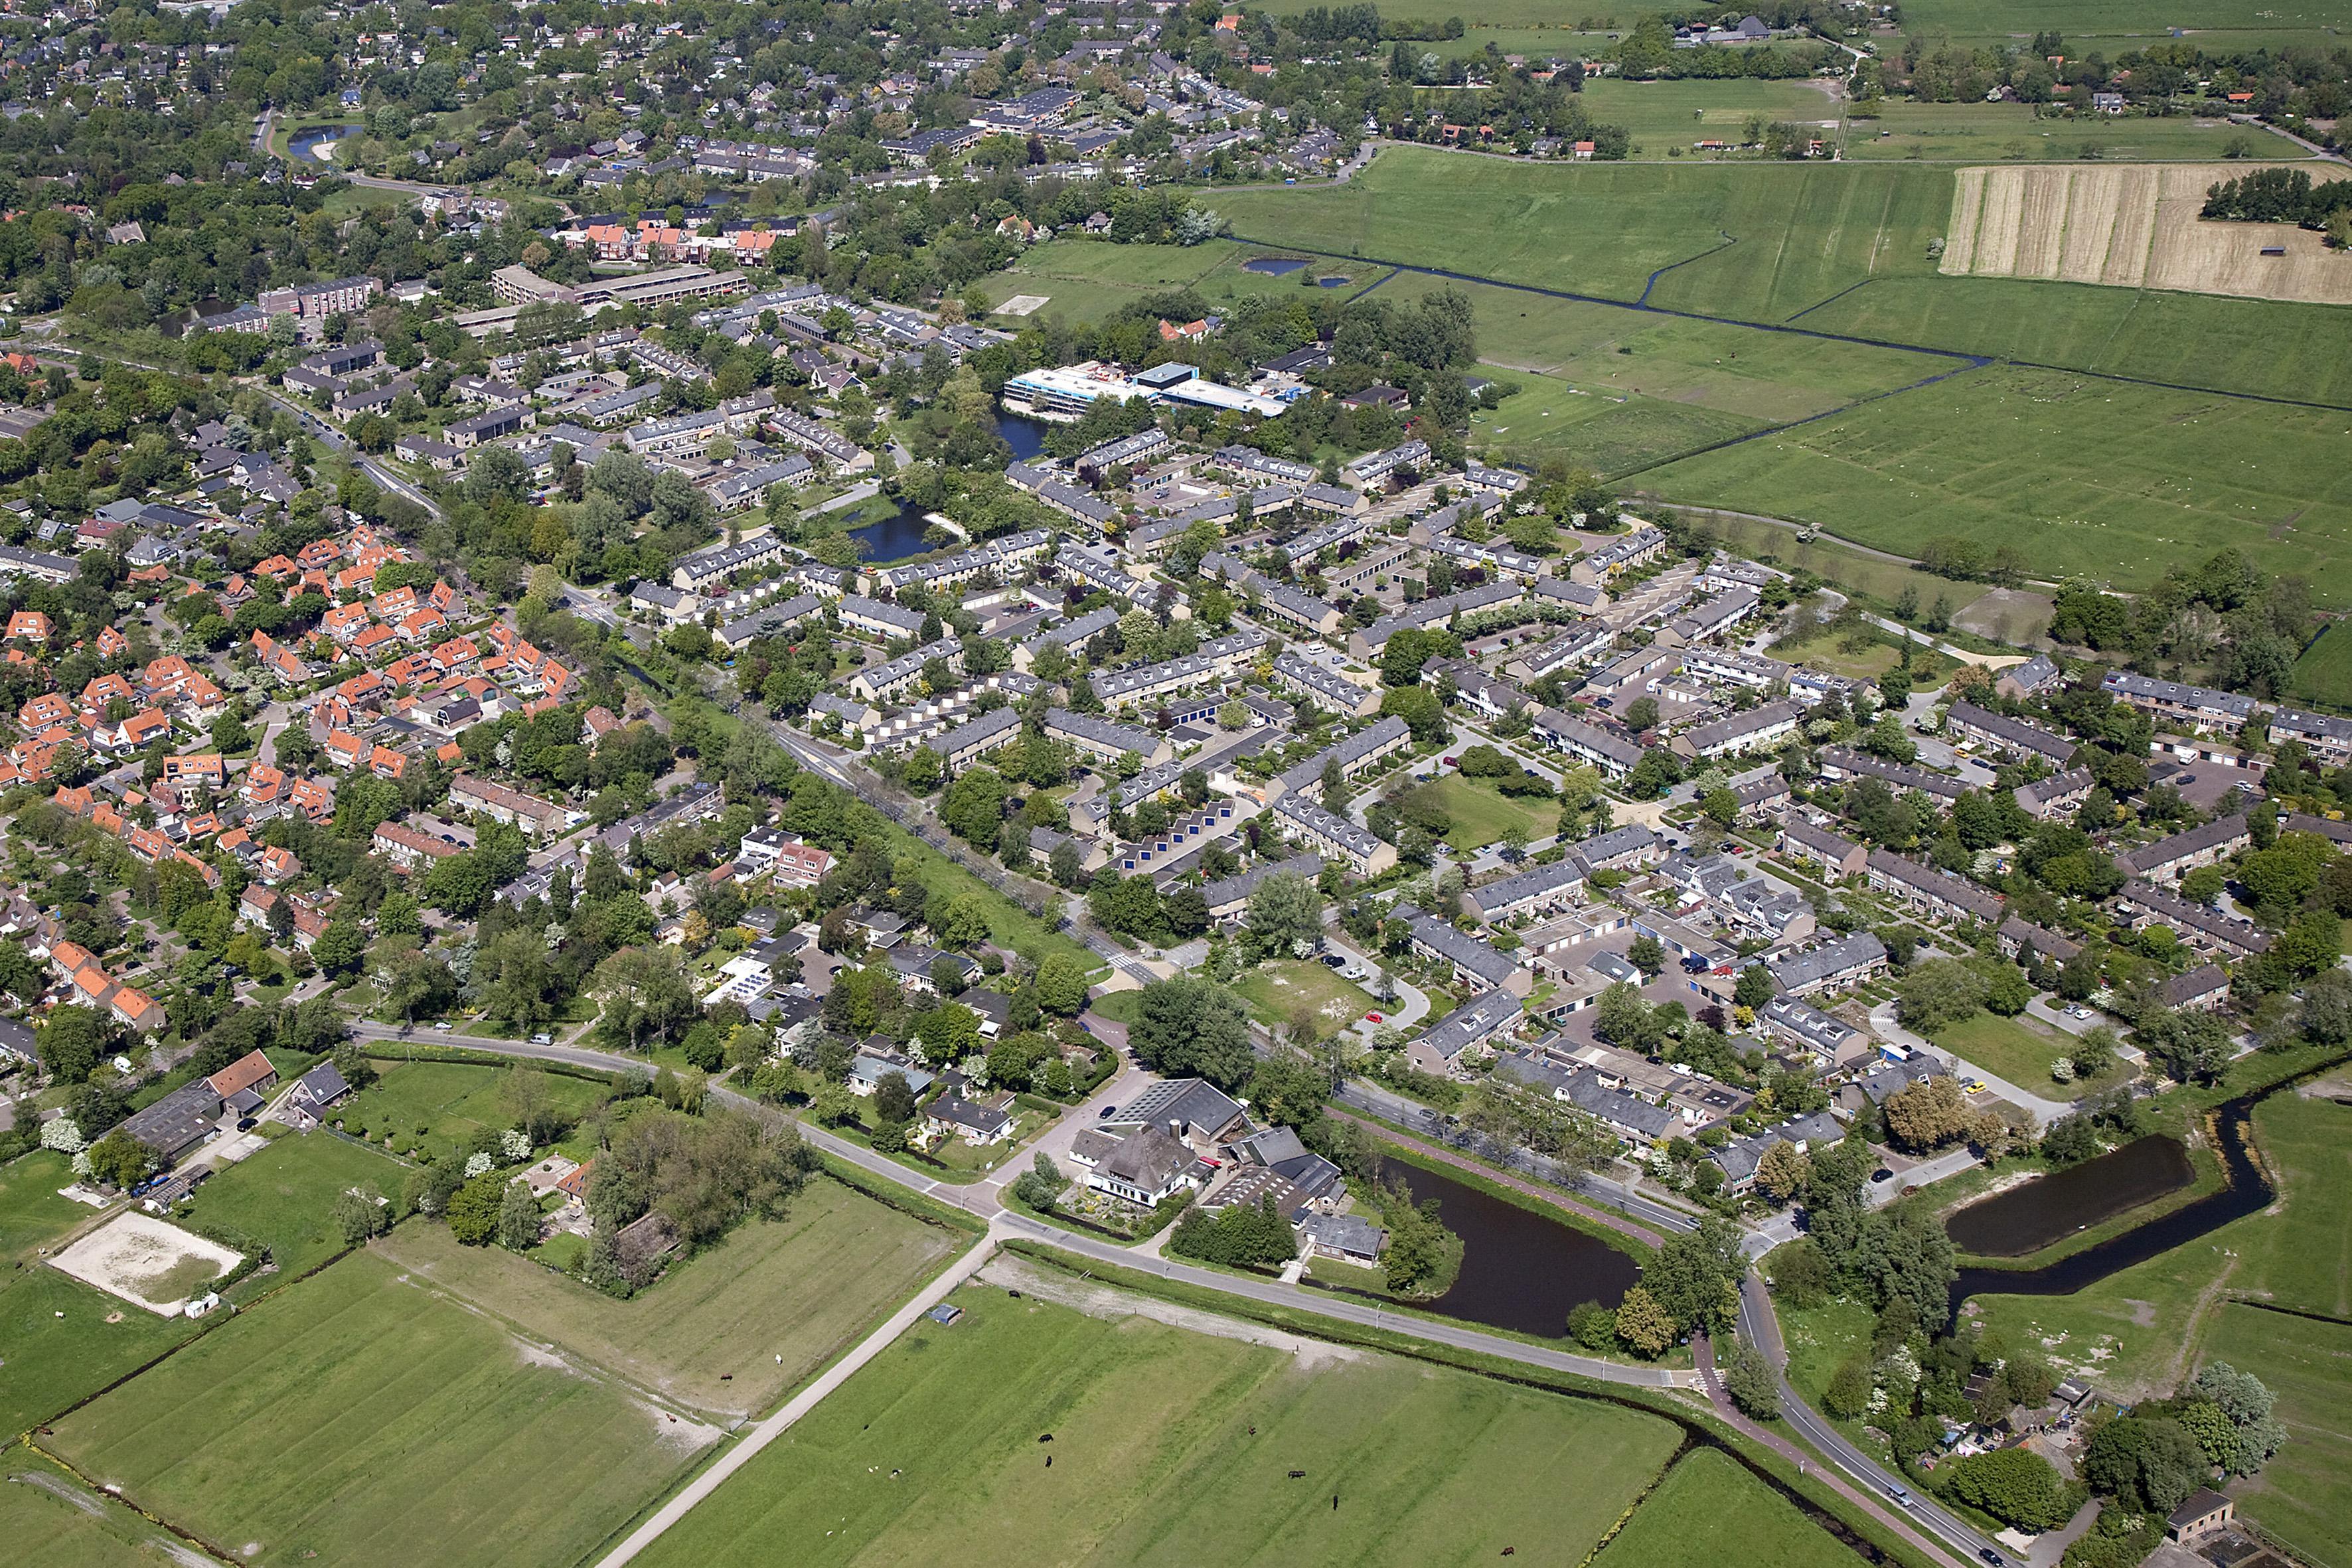 Bergen gaat door met de plannen voor aardgasvrije wijken. ,,We moeten door de hoepel'', zegt wethouder Bekkering